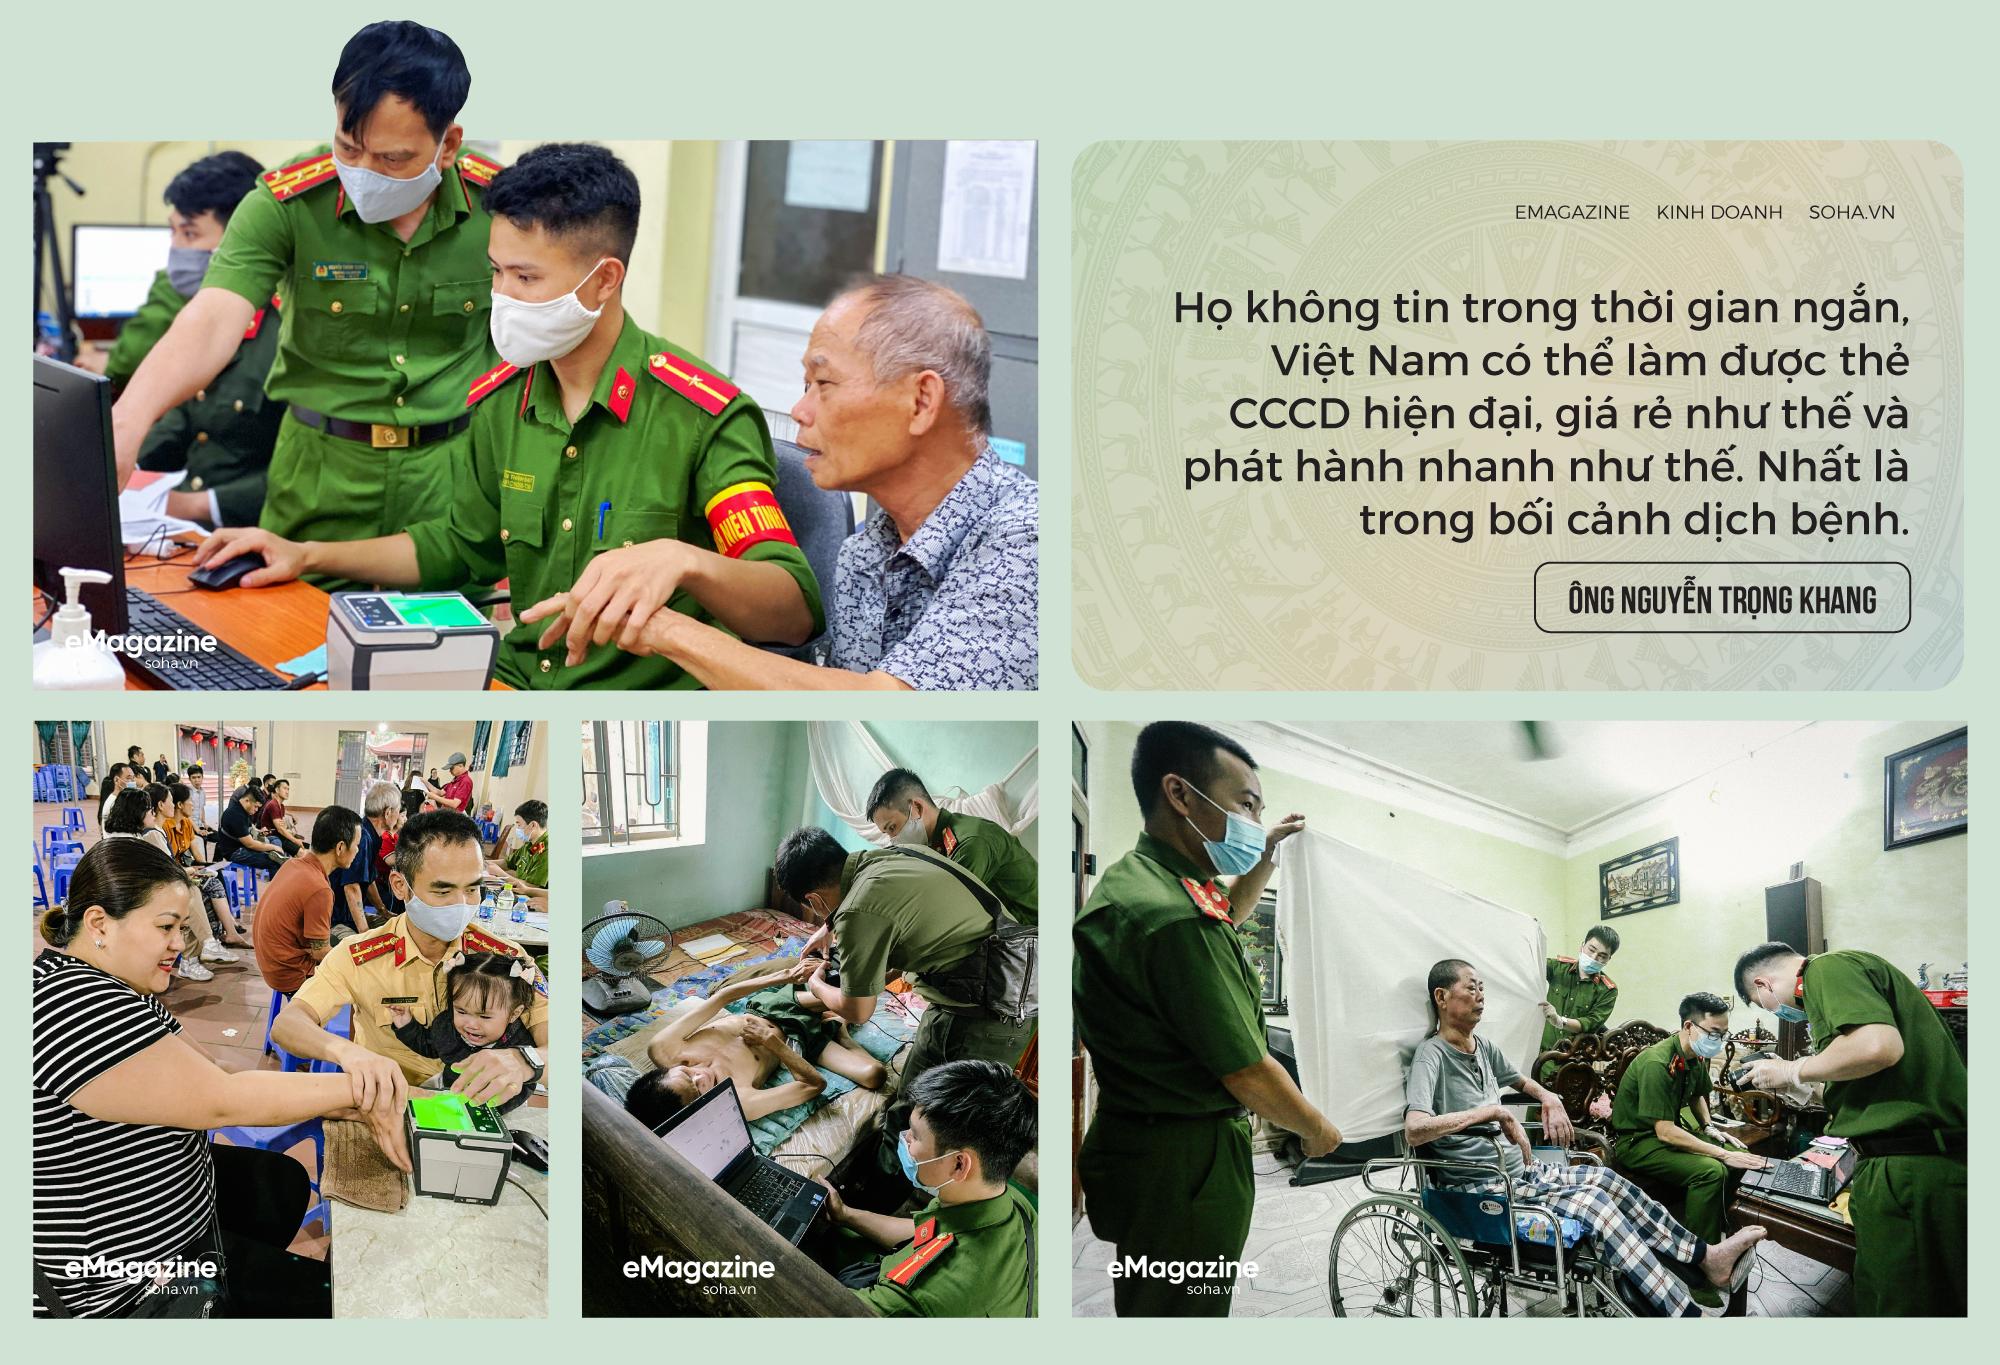 18 năm vật vã của Chủ tịch MK Group và chiếc thẻ CCCD Việt Nam giá rẻ bằng 1/2 Nhật Bản - Ảnh 6.